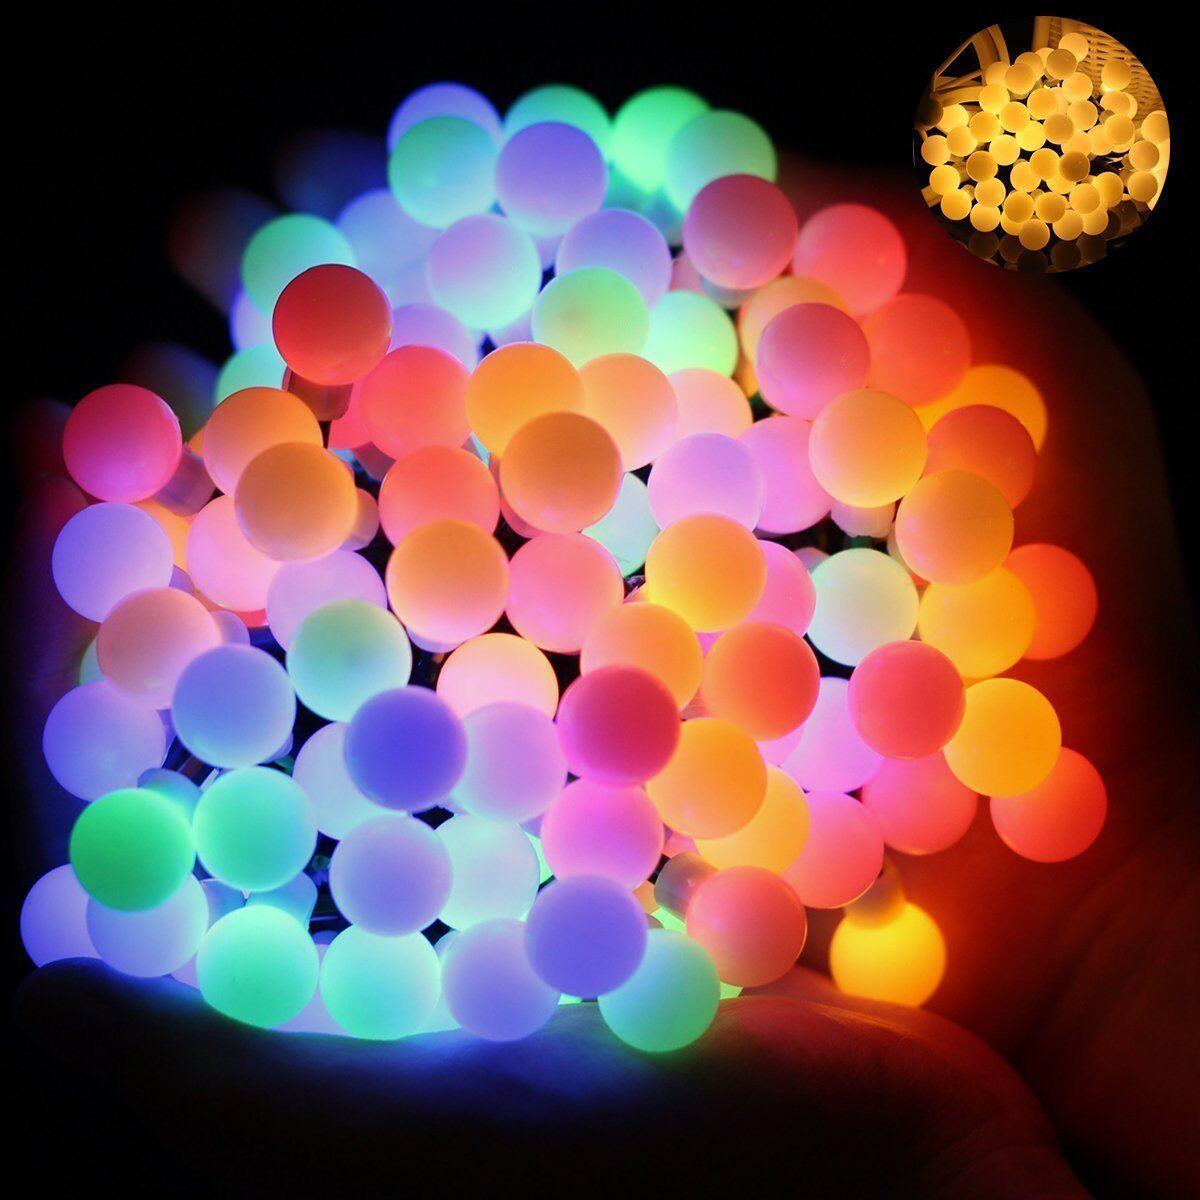 Wasserdicht LED Globe Lichterkette, 60 LED Lichterkette bunt, Innen und Außen    Shopping Online